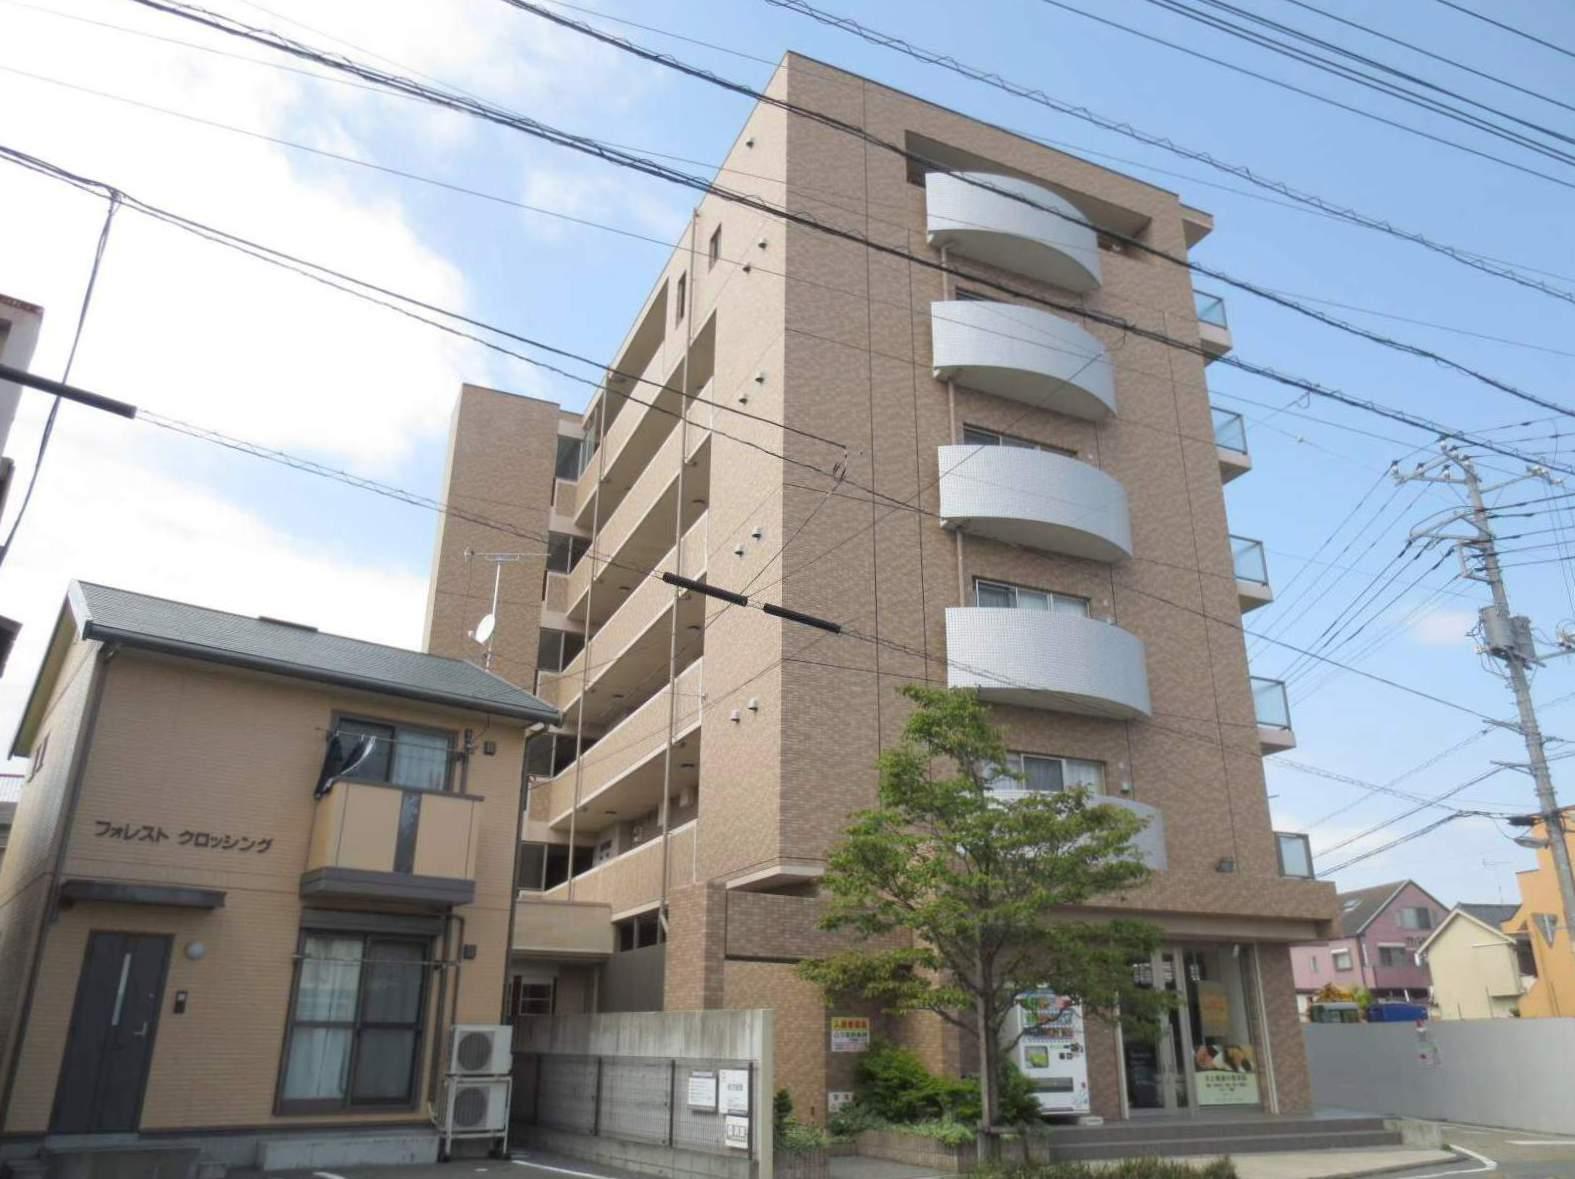 静岡県三島市、三島広小路駅徒歩11分の築6年 6階建の賃貸マンション